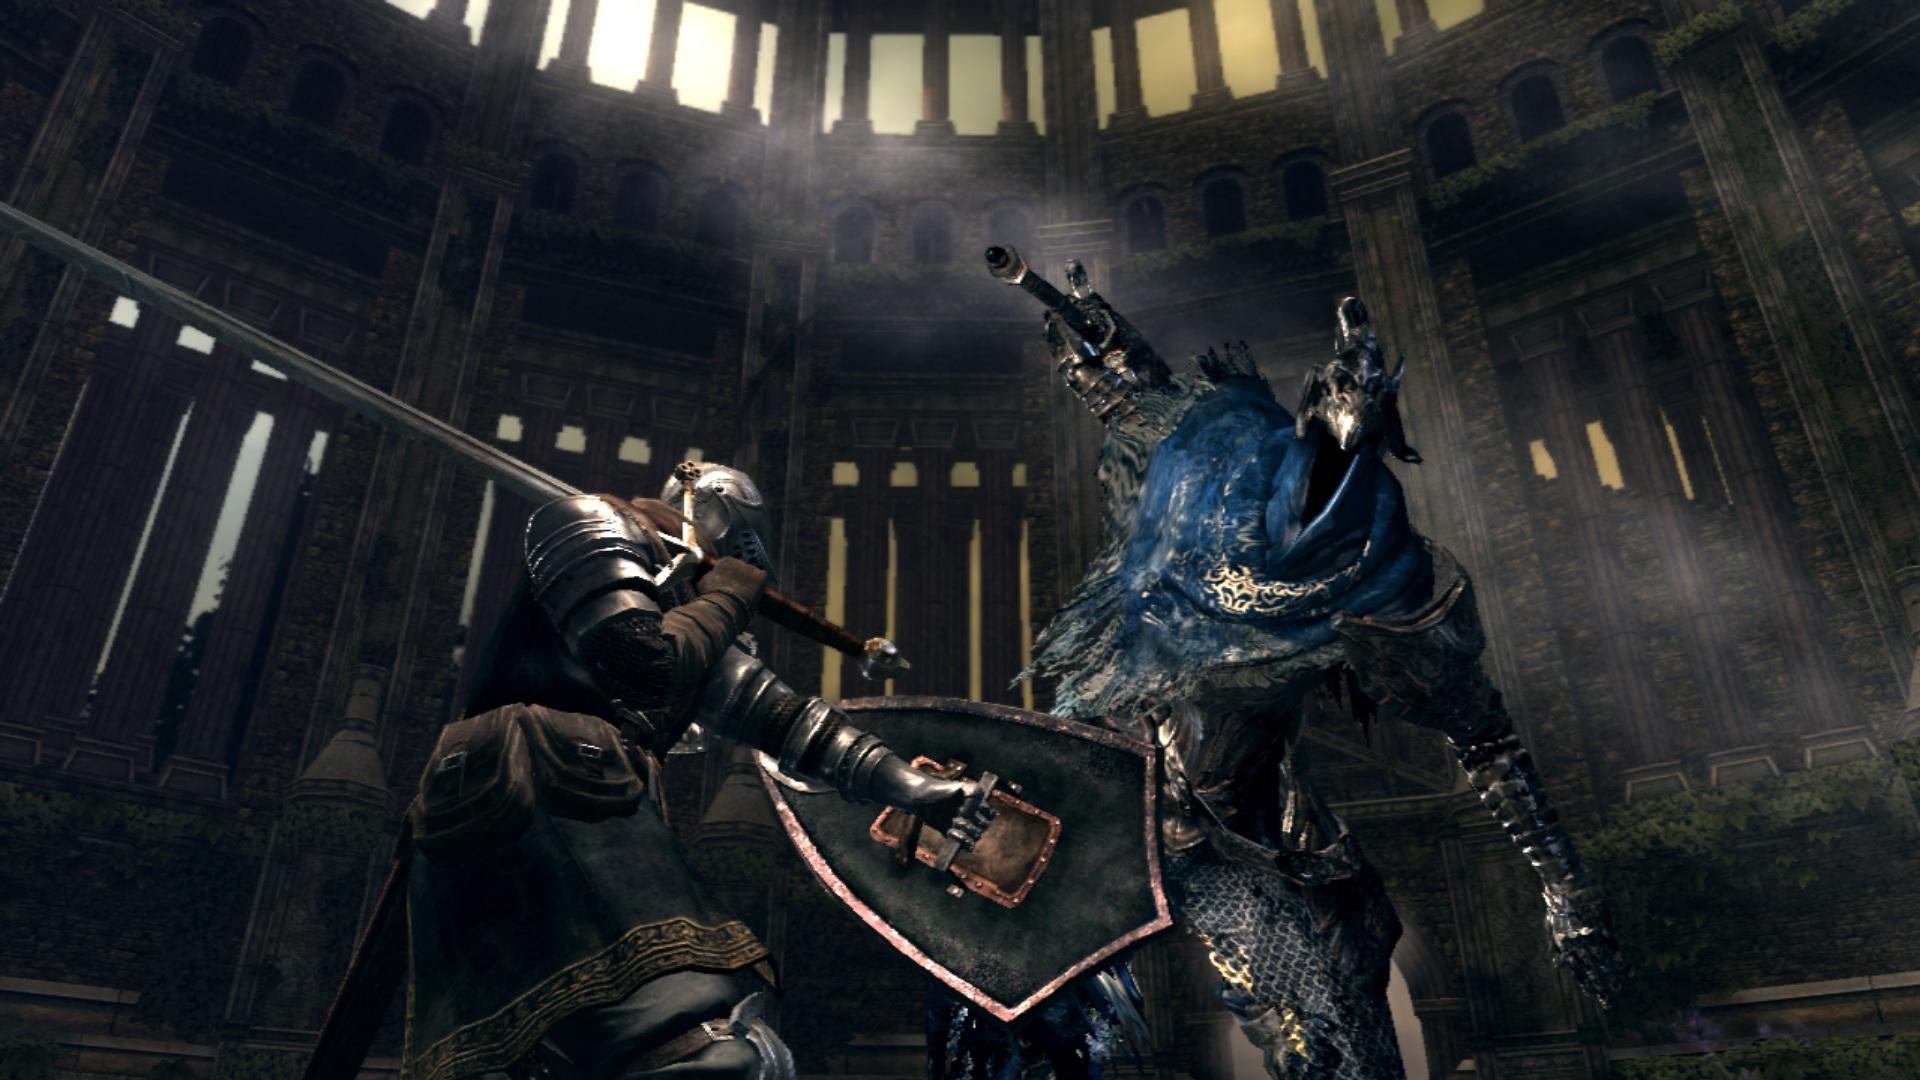 Knight Artorias | Dark Souls Wiki | FANDOM powered by Wikia